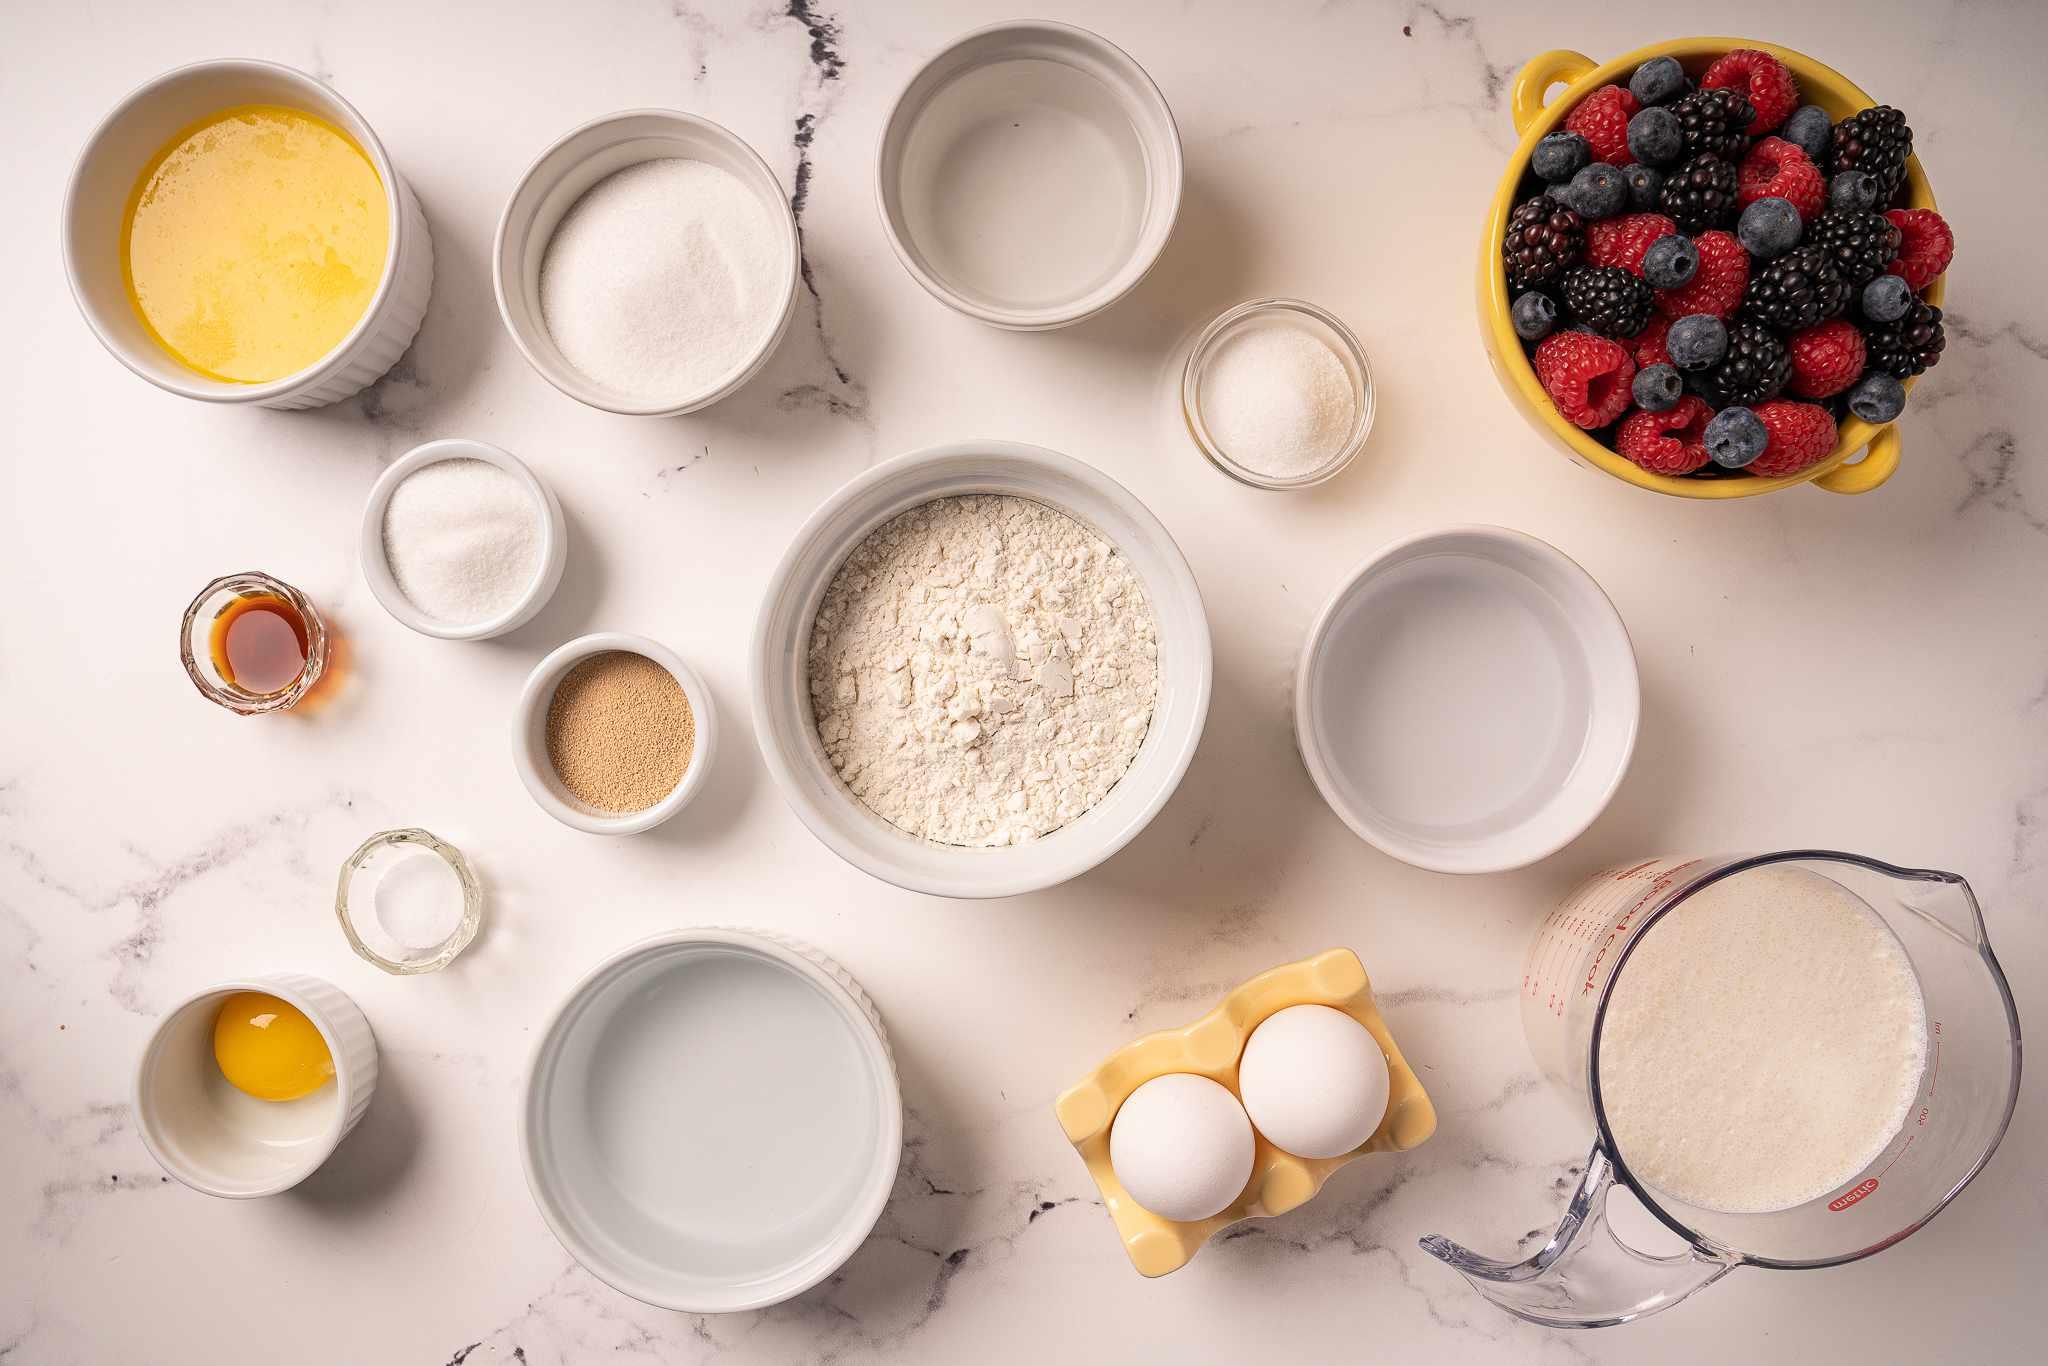 Savarin ingredients